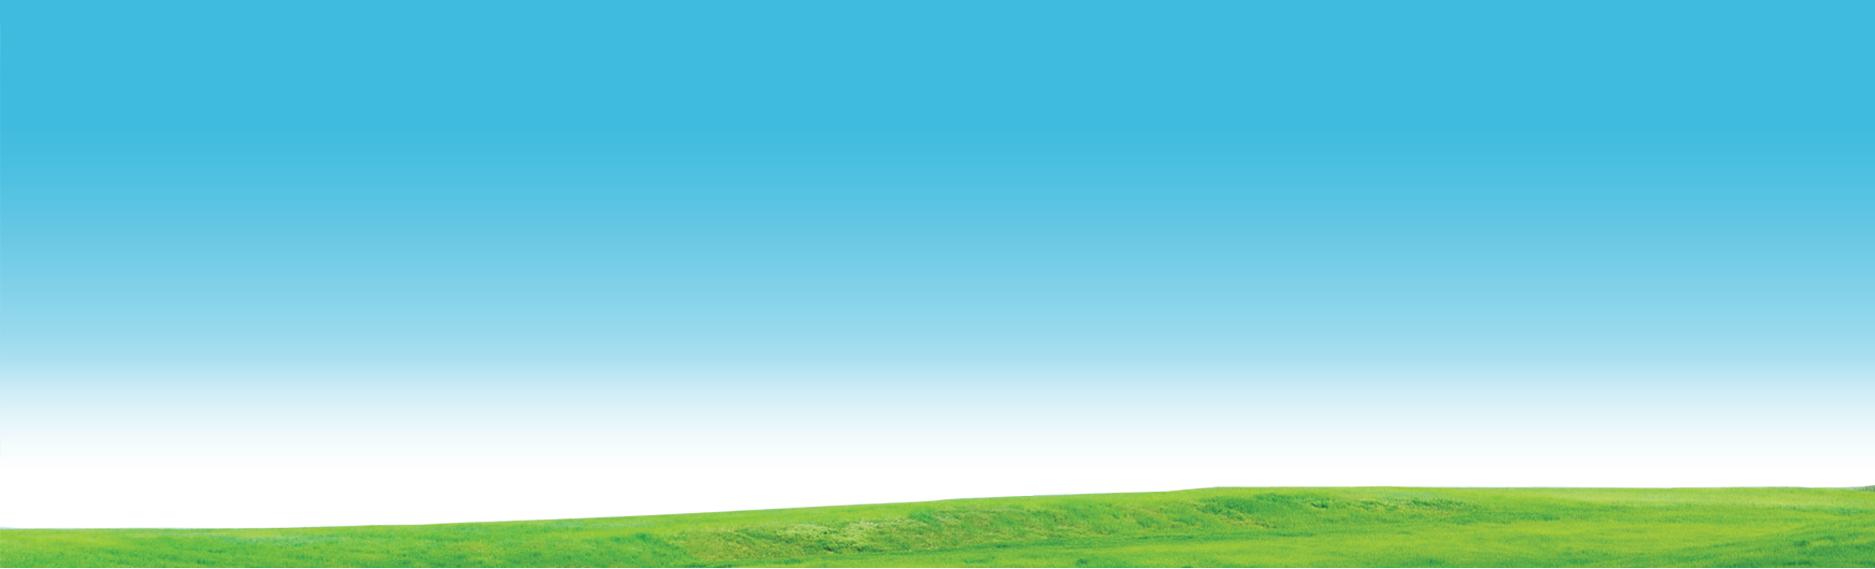 sky-grass-bg